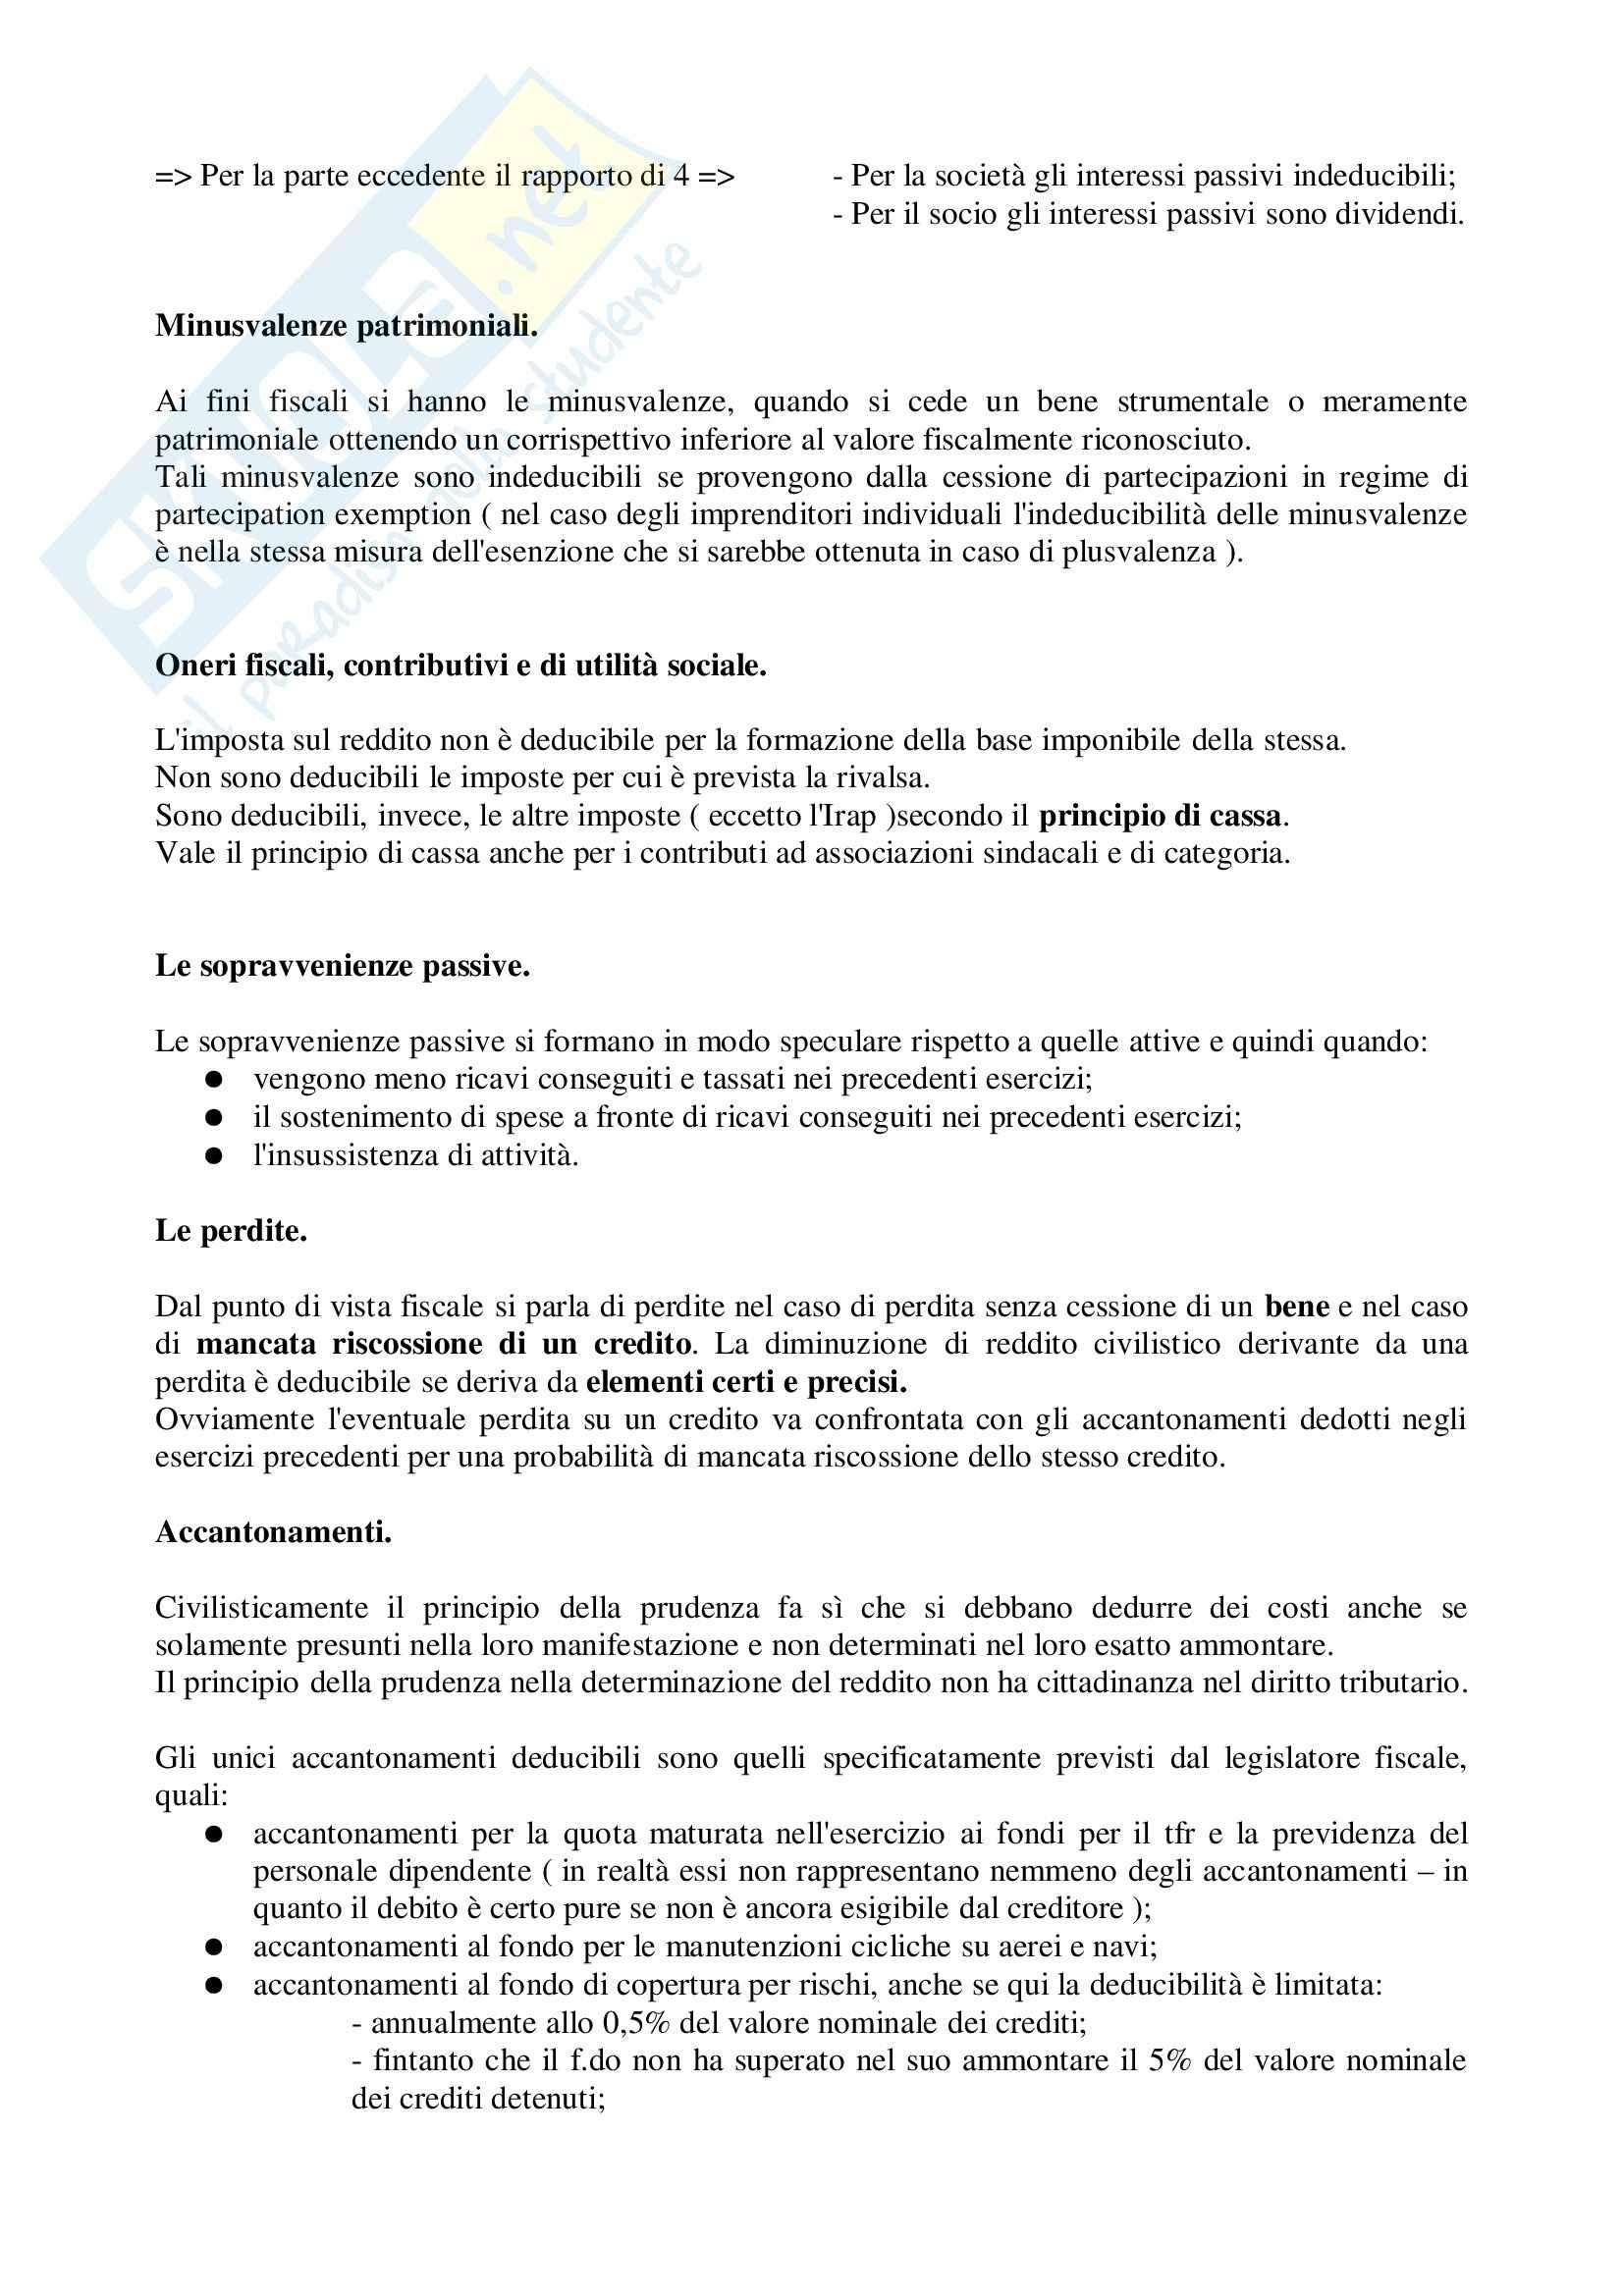 Diritto tributario - parte speciale - Riassunto esame, prof. Ragucci Pag. 21